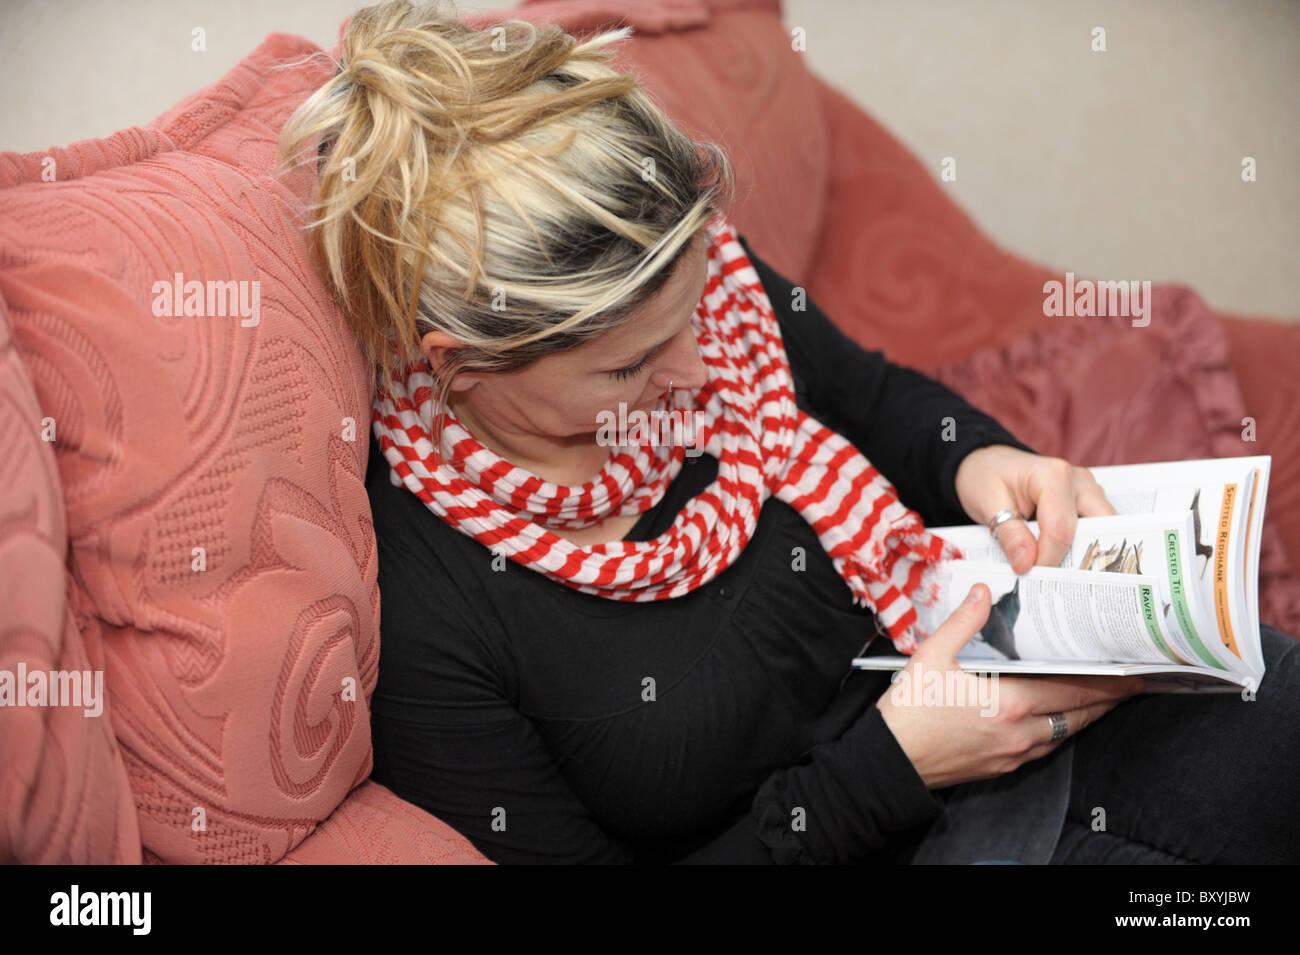 Blonde-haired woman wearing scarf dénudée et haut noir est assis sur un  canapé à 234b8ee56f4